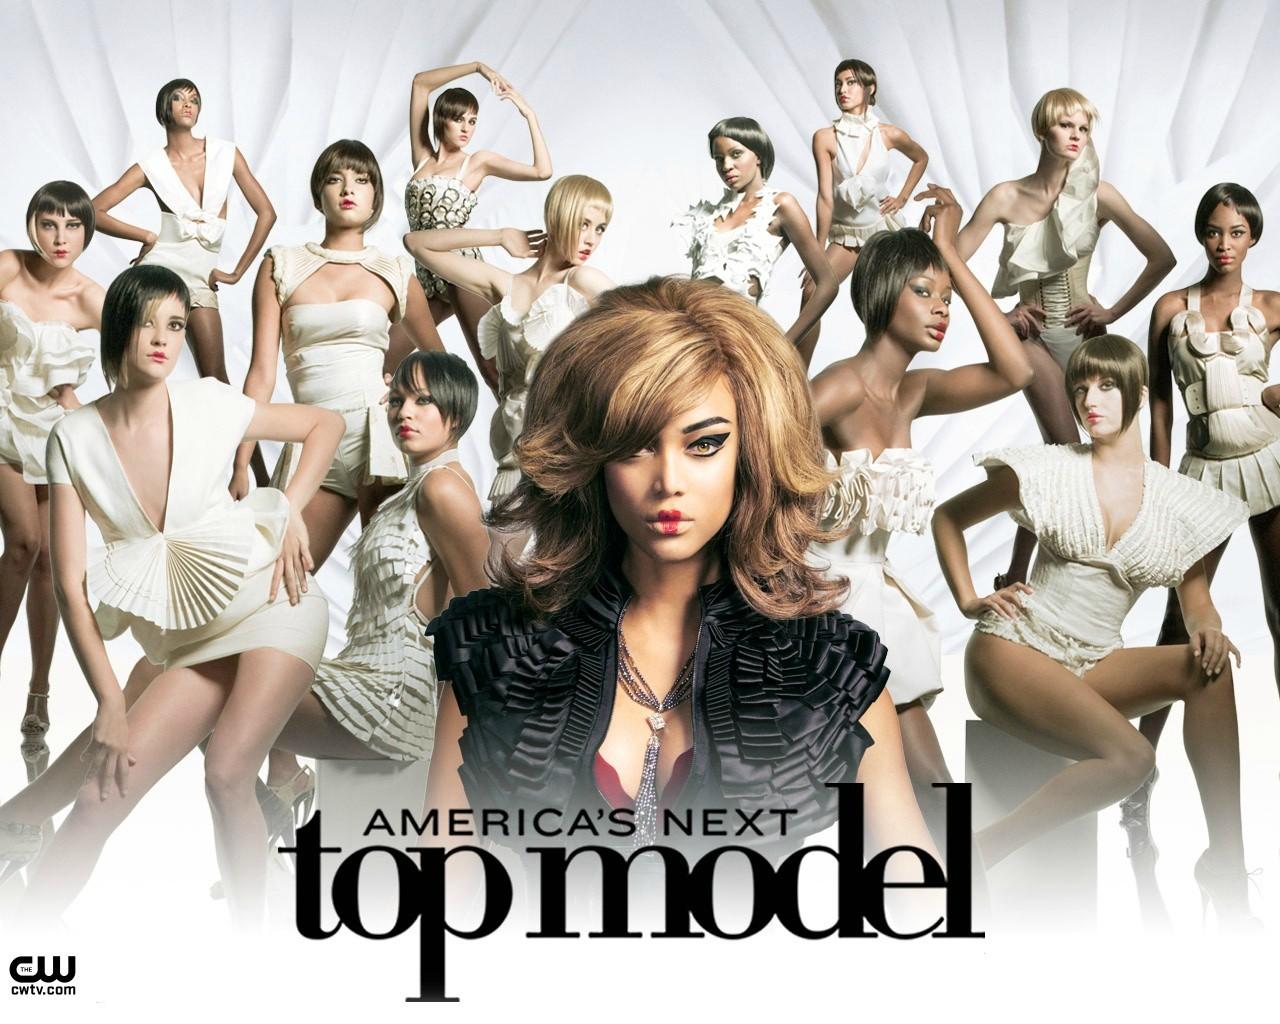 Тайра Бэнкс в рекламе своего шоу Топ-модель по-американски